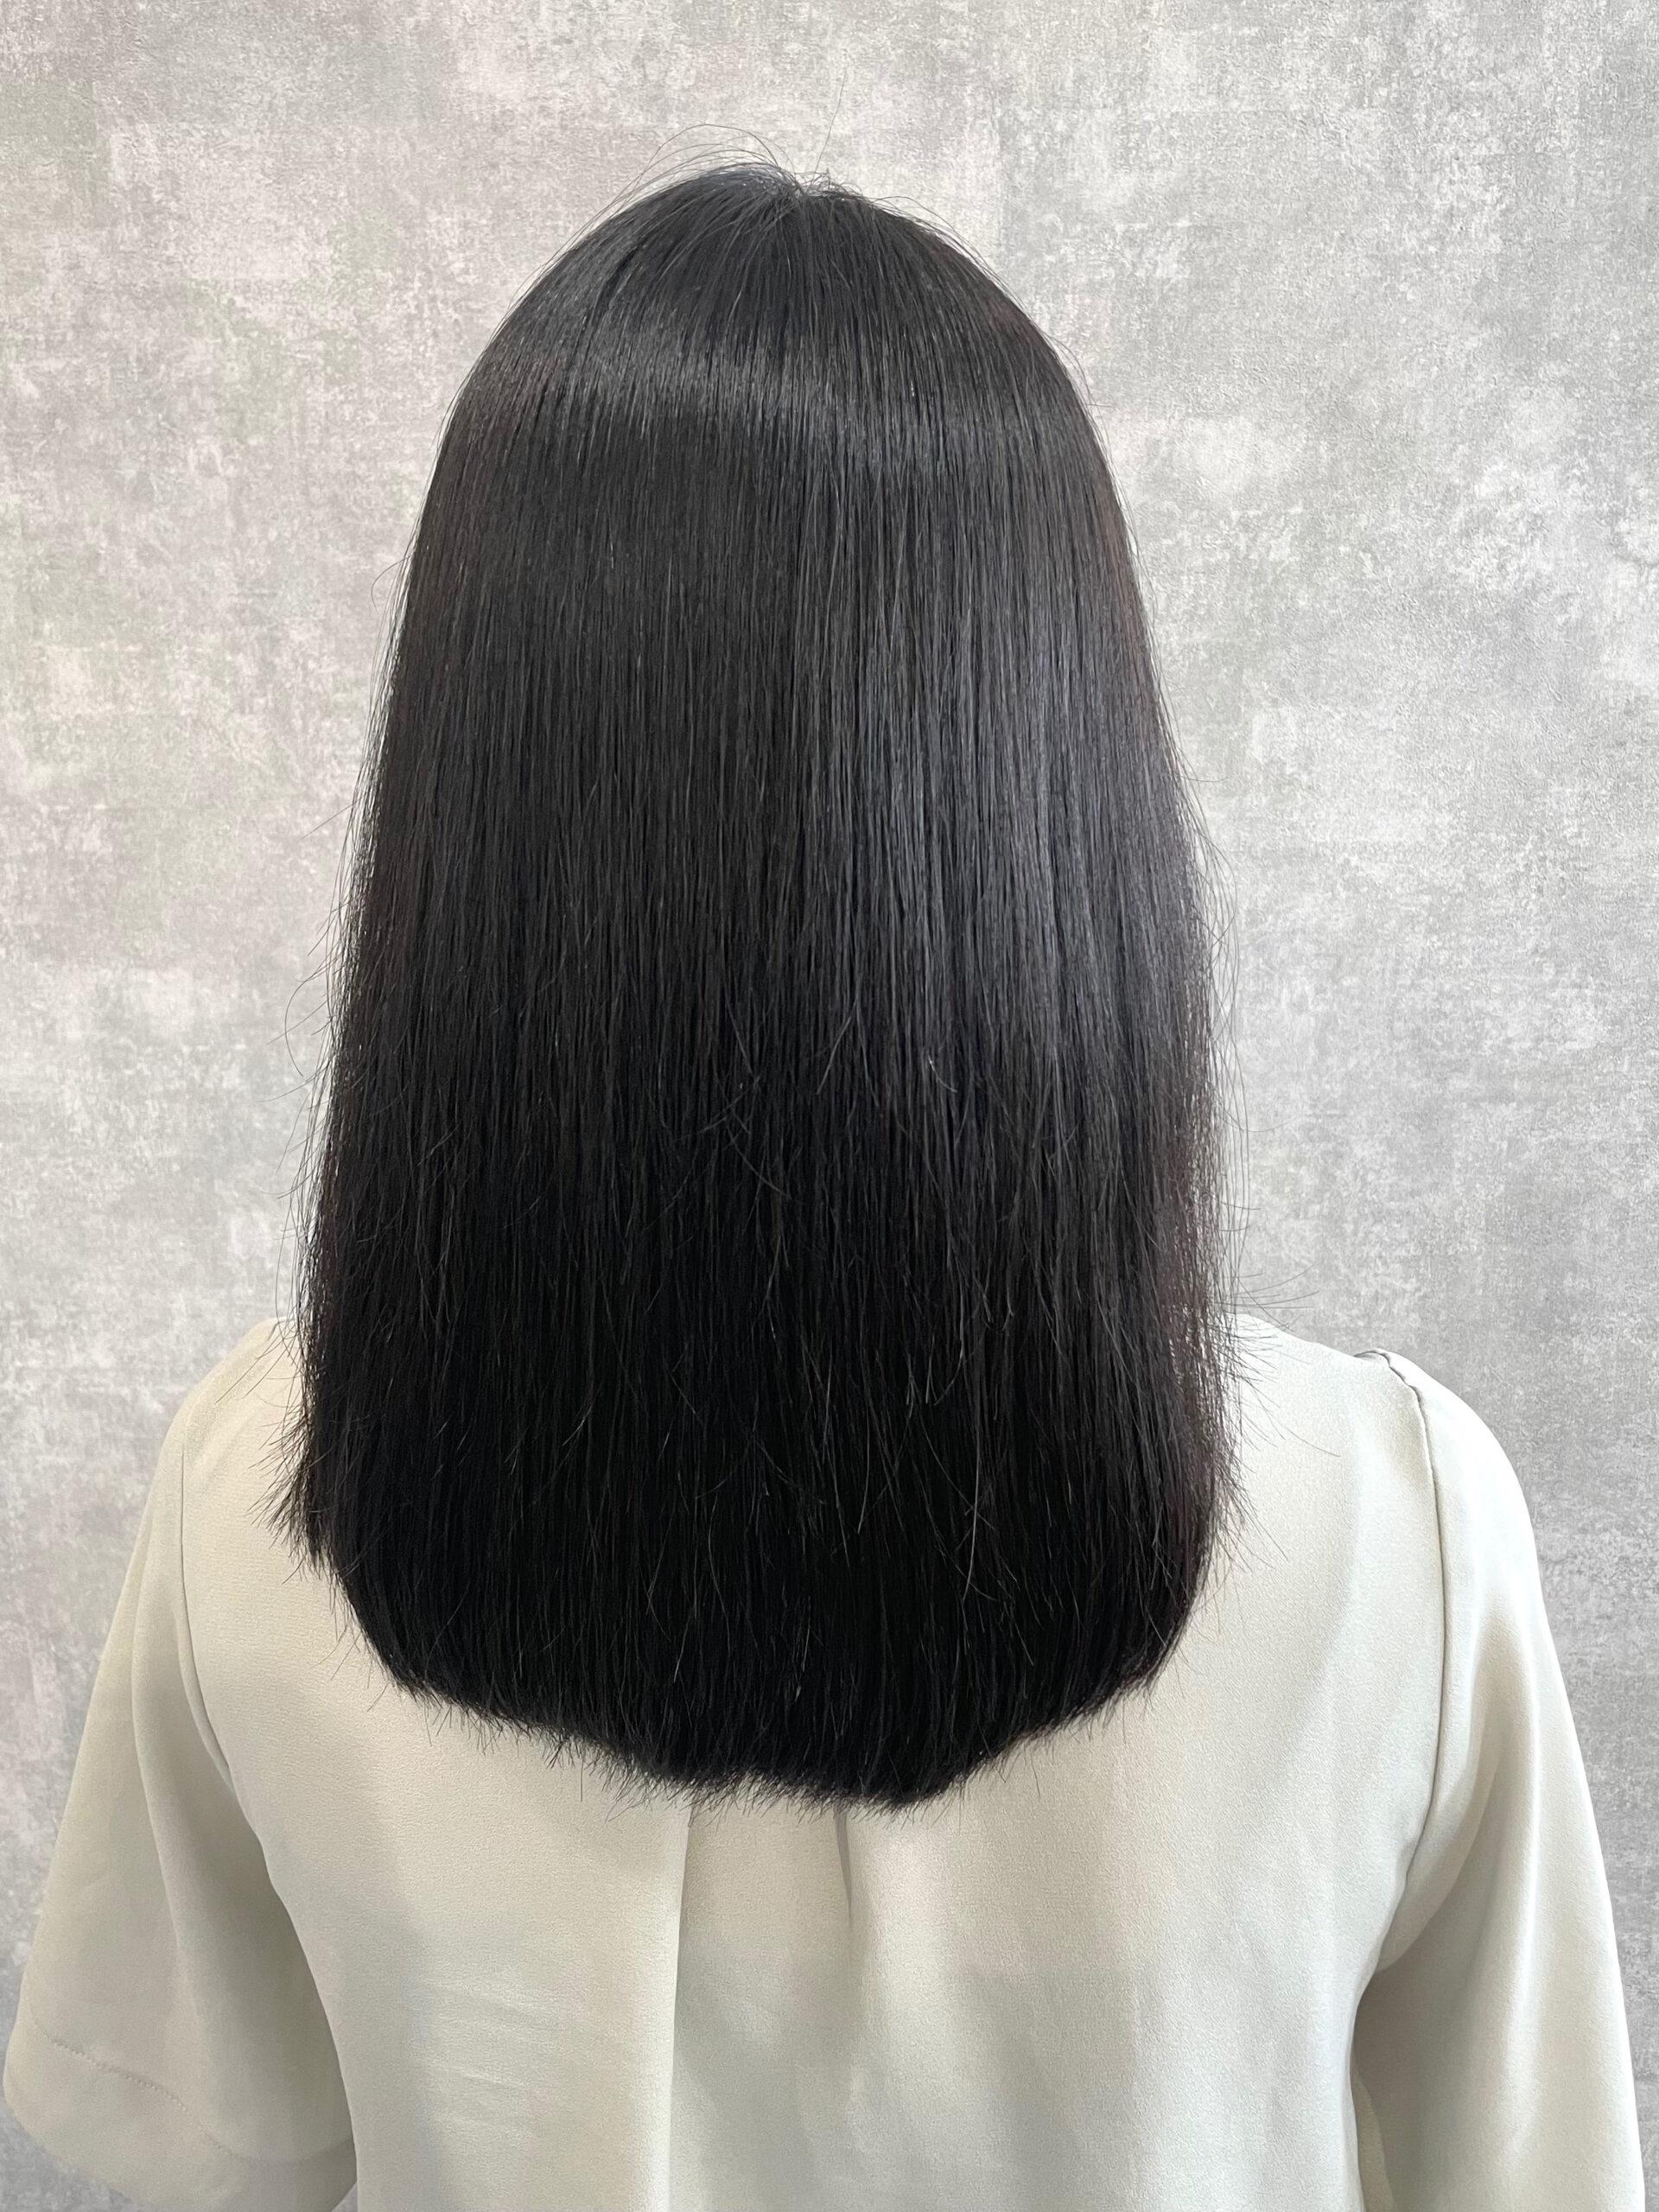 大分県別府市 膨らむ髪の毛を弱酸性ストレートでボリュームダウン アフター